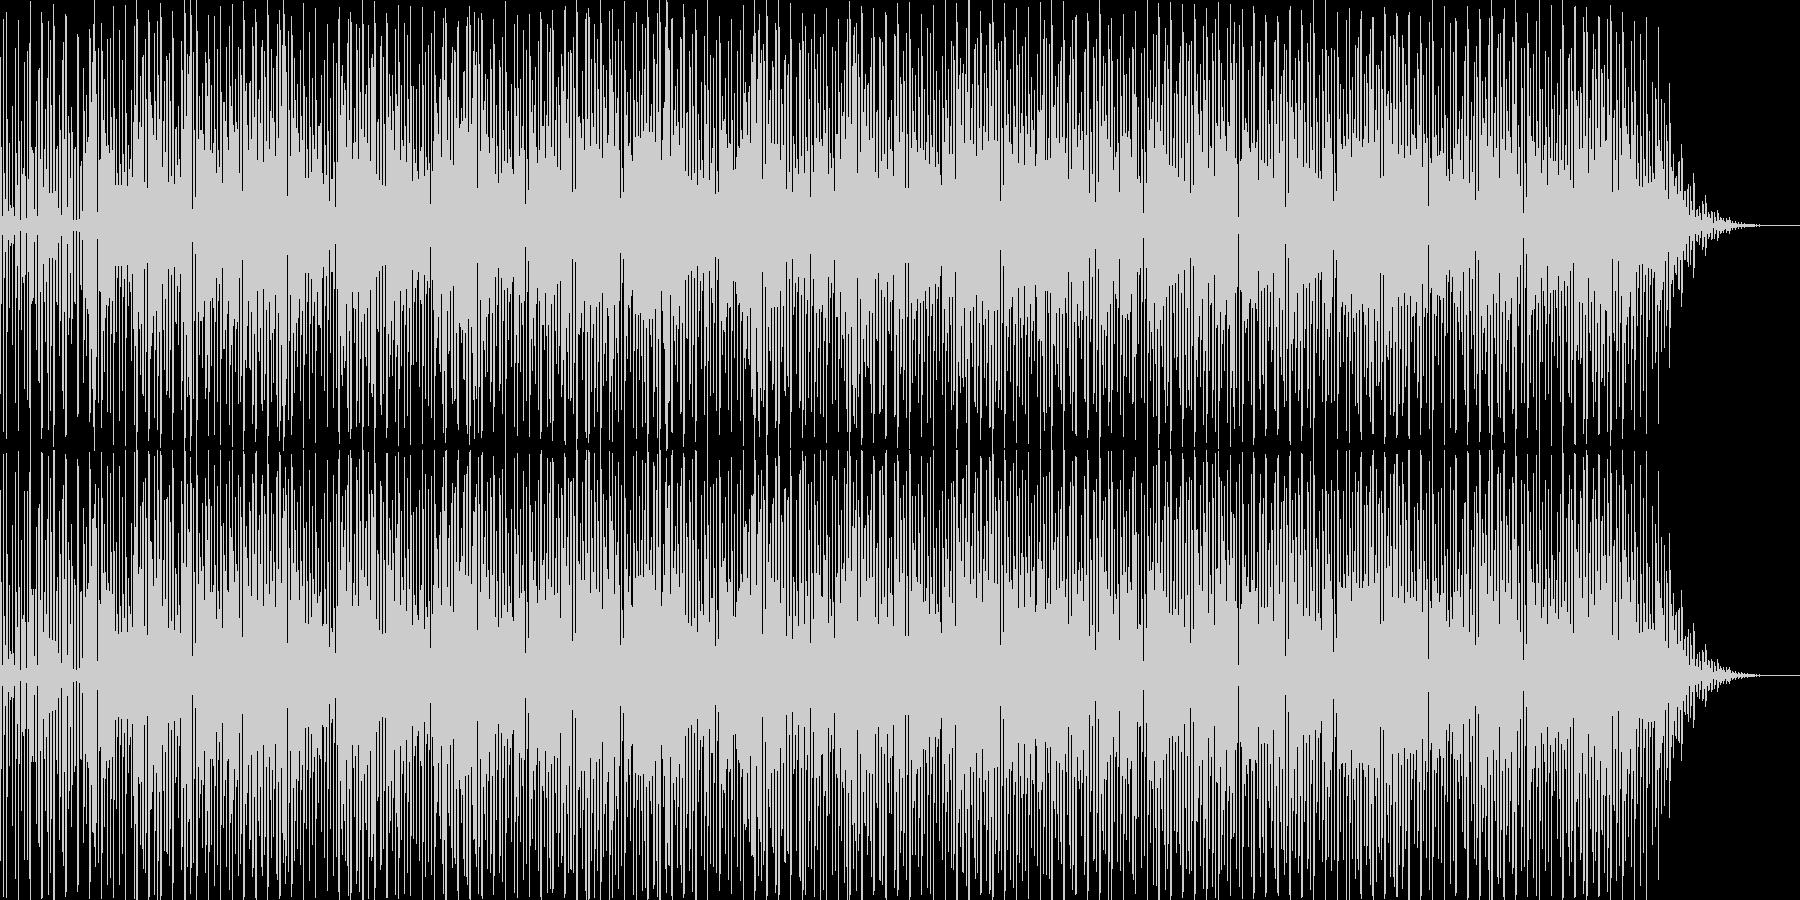 ヒップホップジャズの未再生の波形